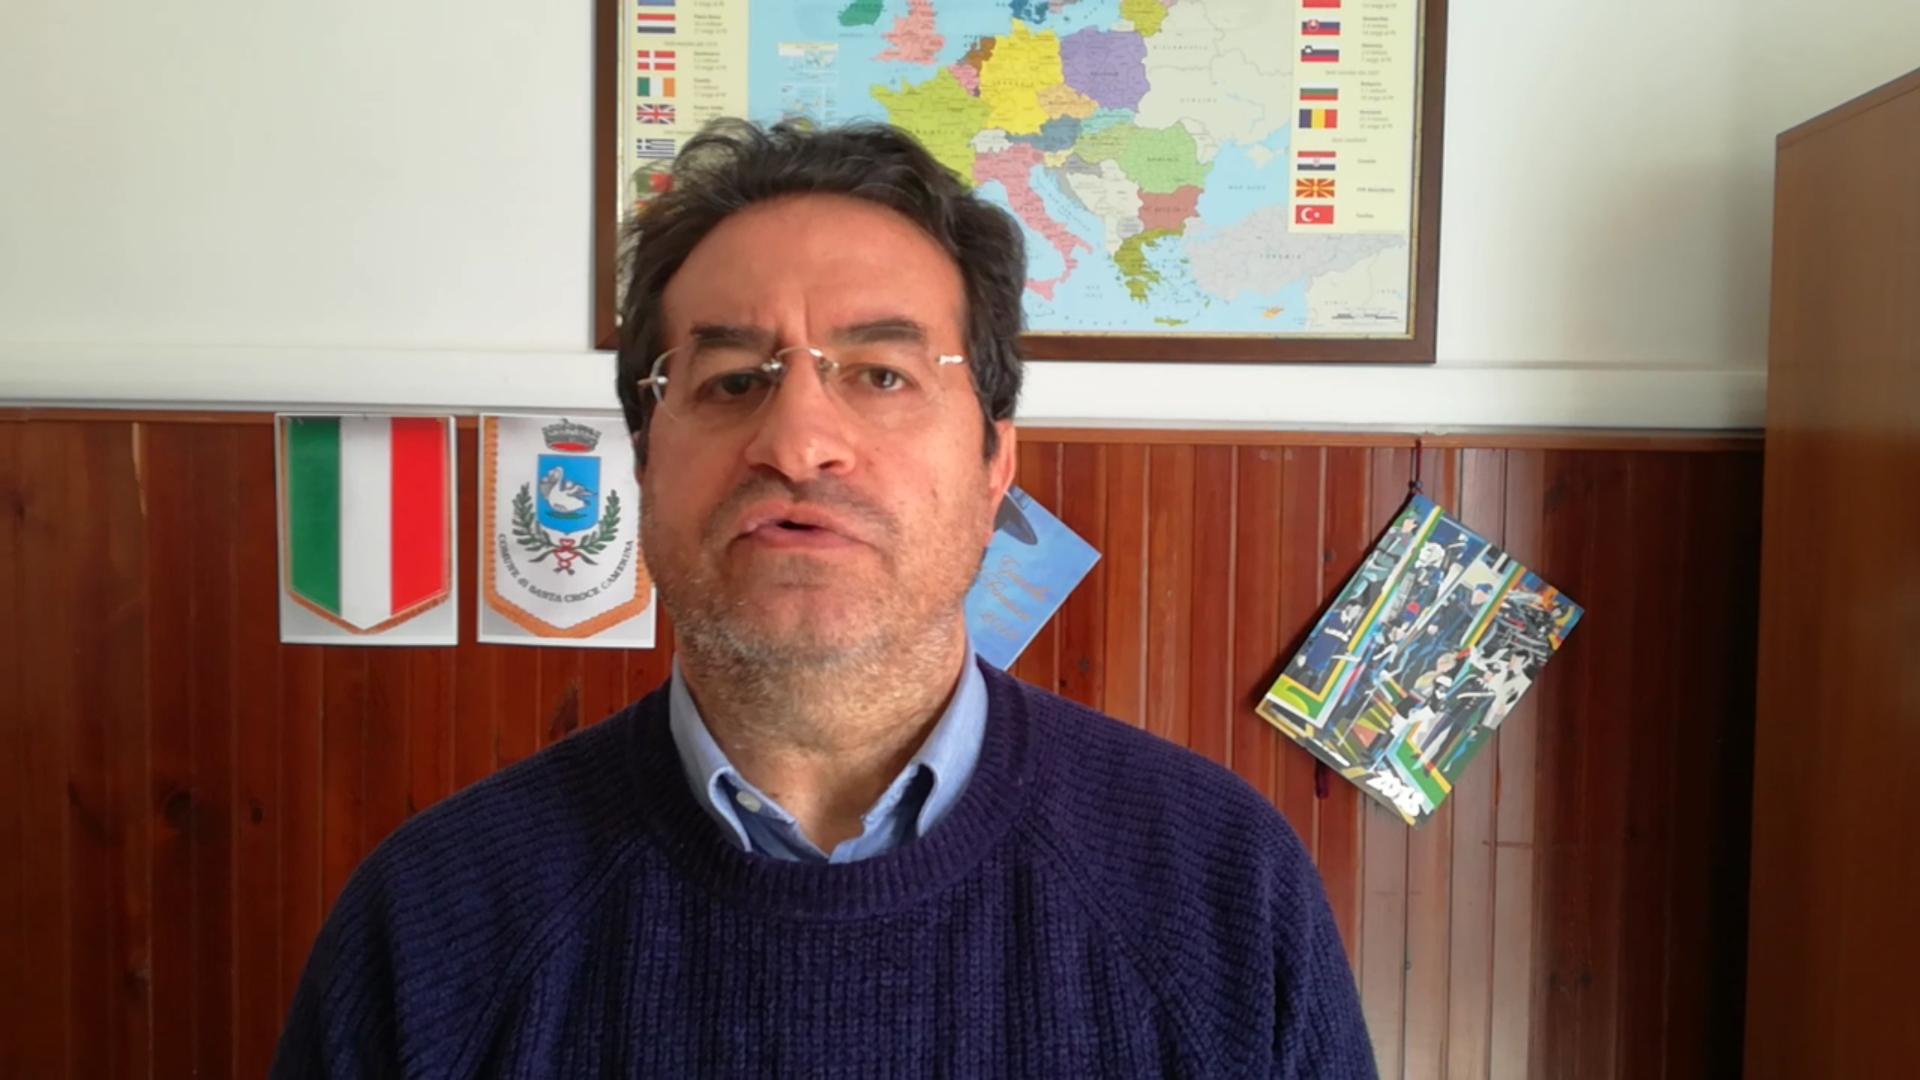 Vittoria, lesioni e resistenza a pubblico ufficiale: arrestato Angelo Giacchi